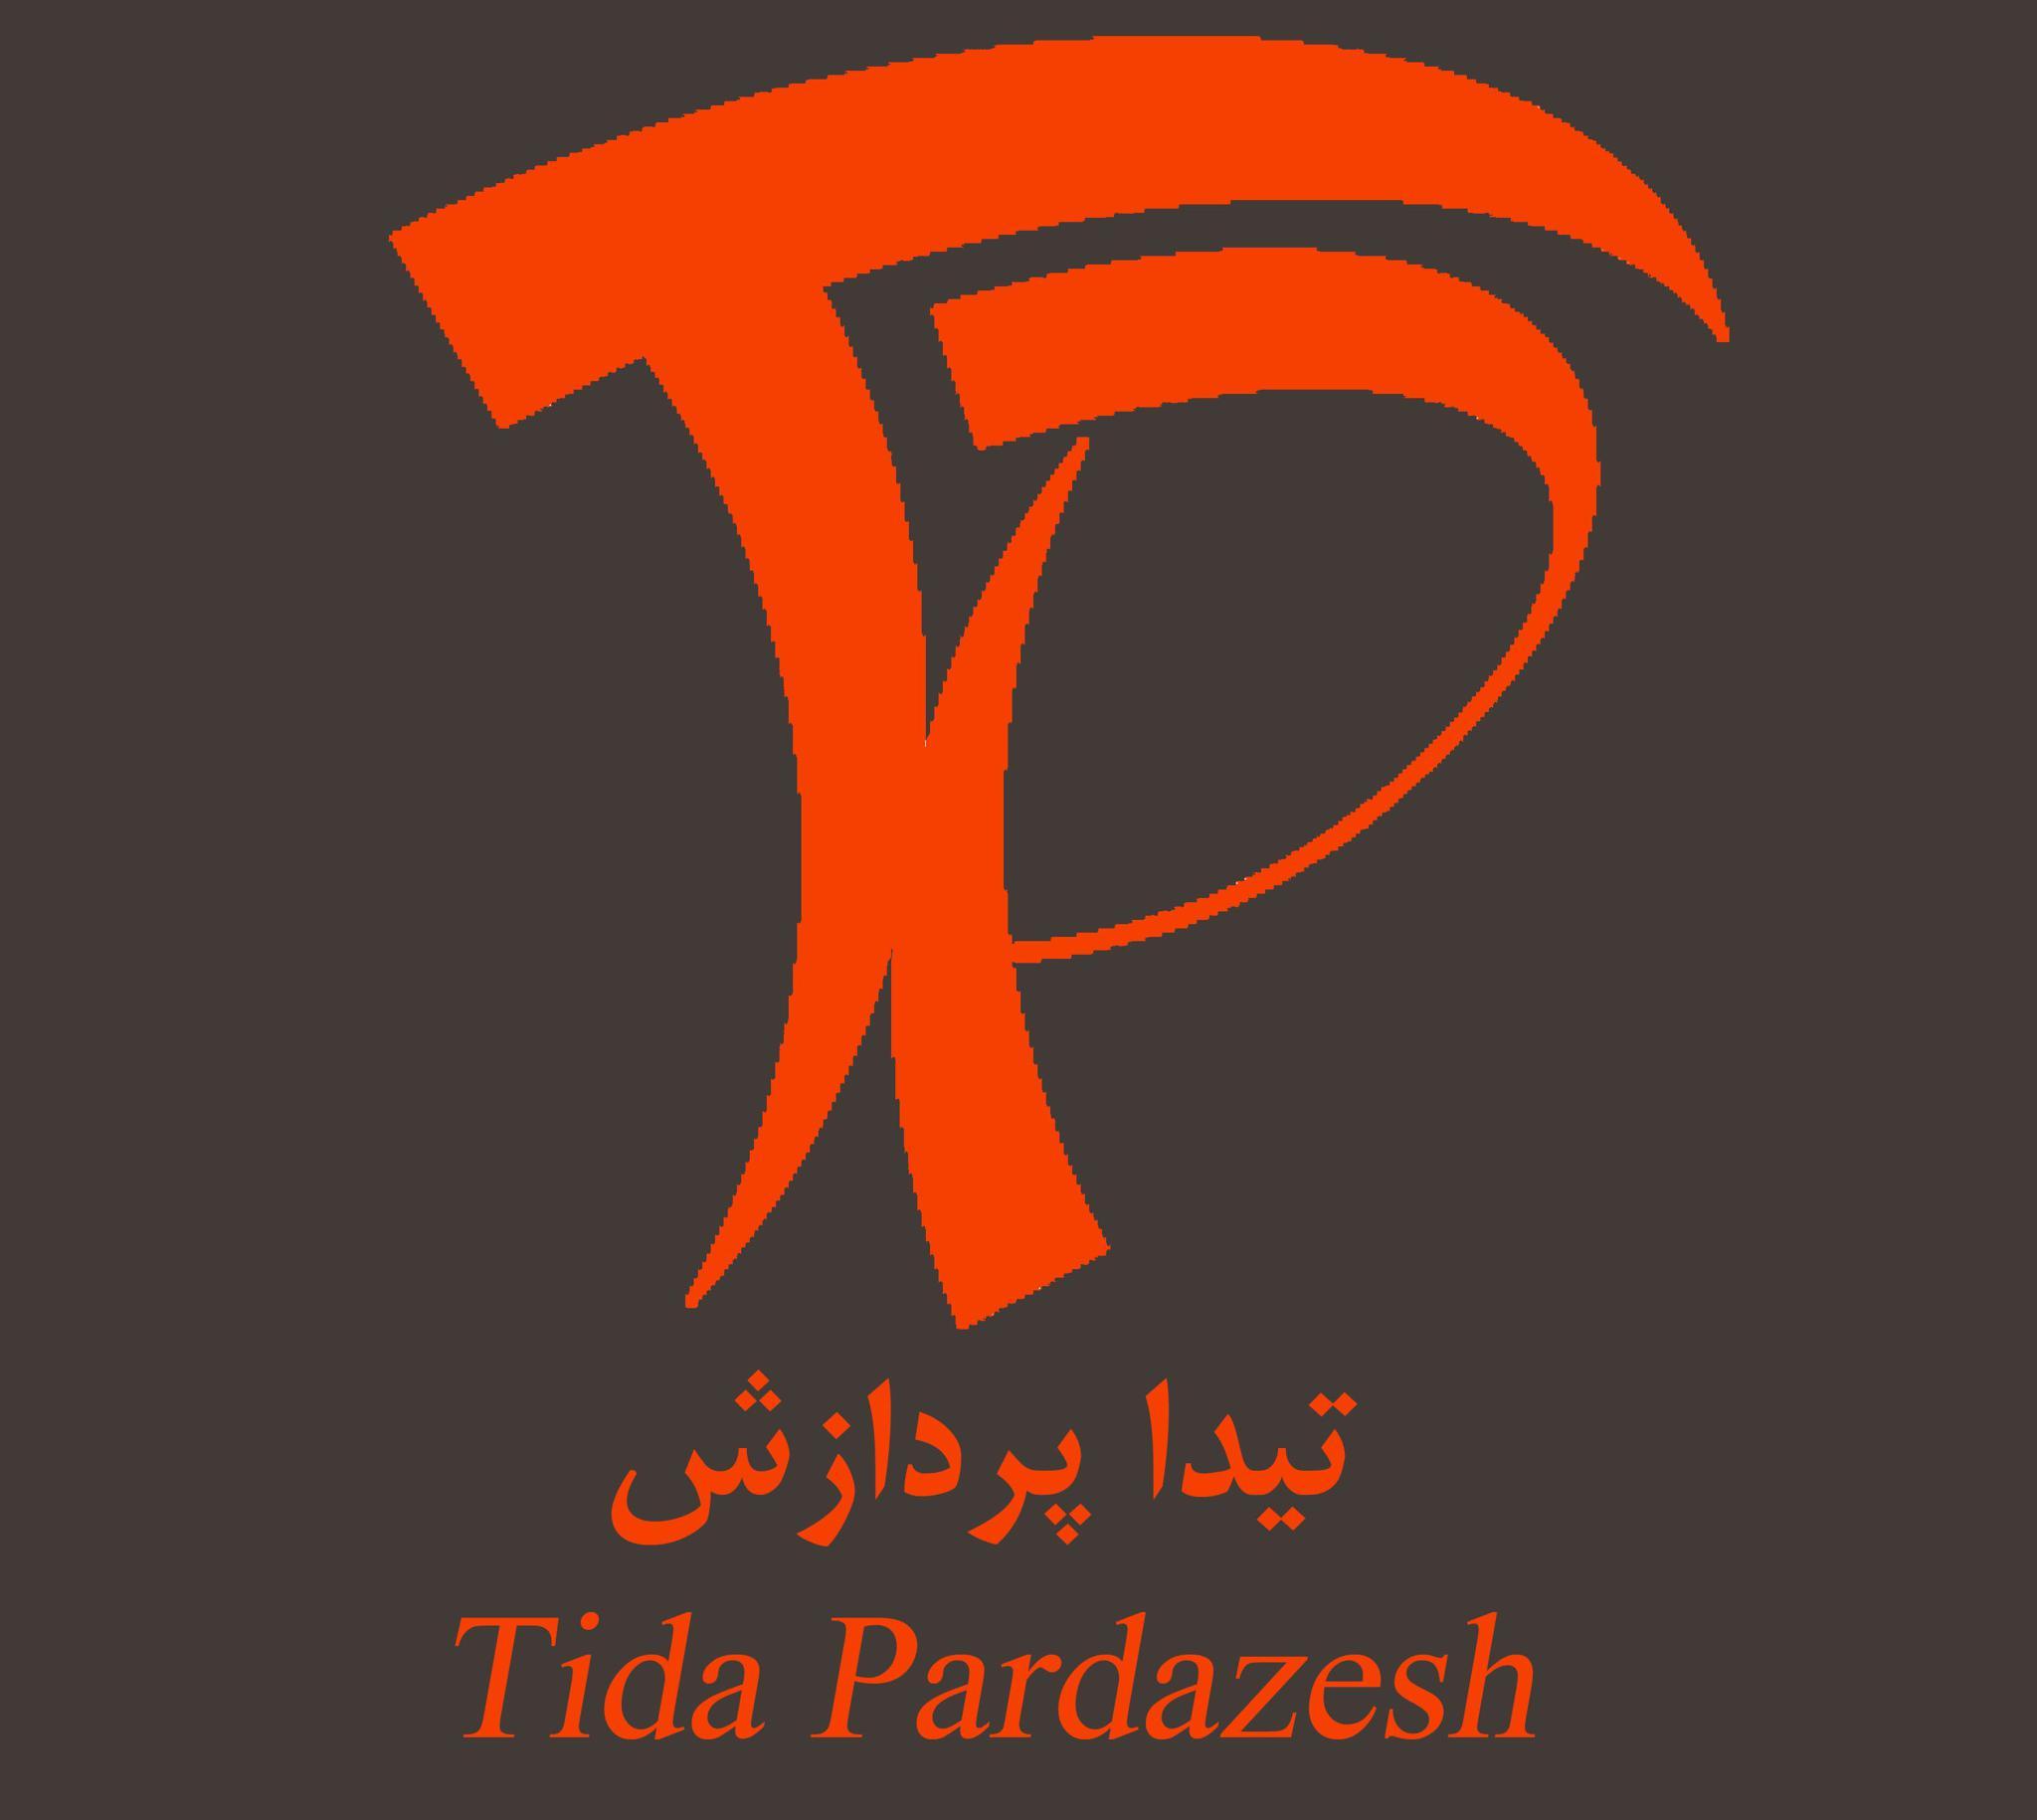 فروشگاه Tidapardazesh